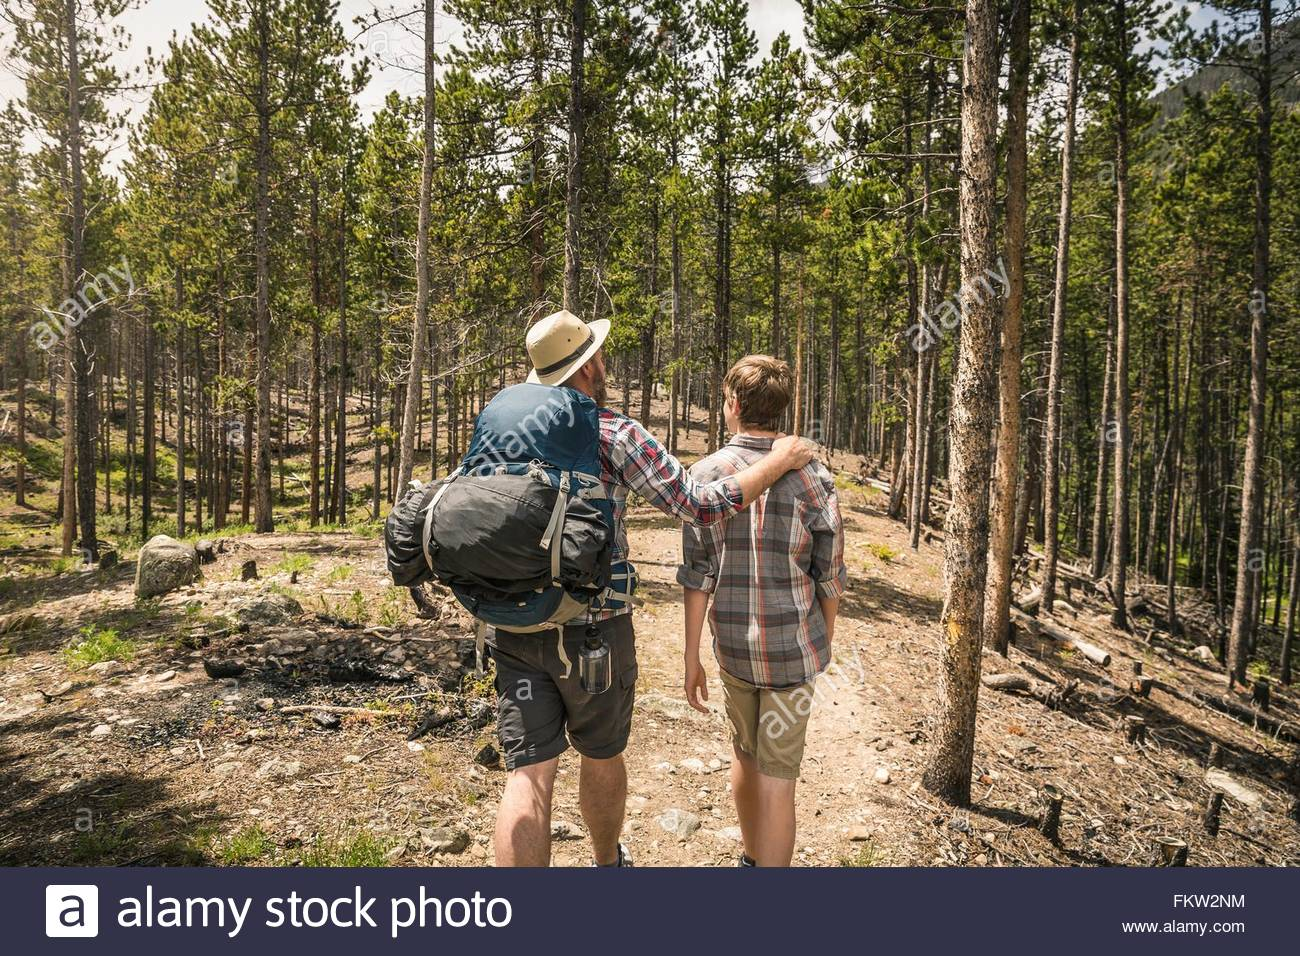 Rückansicht des Vaters mit der Hand auf Söhne Schulter Wandern durch Wald, Red Lodge, Montana, USA Stockbild